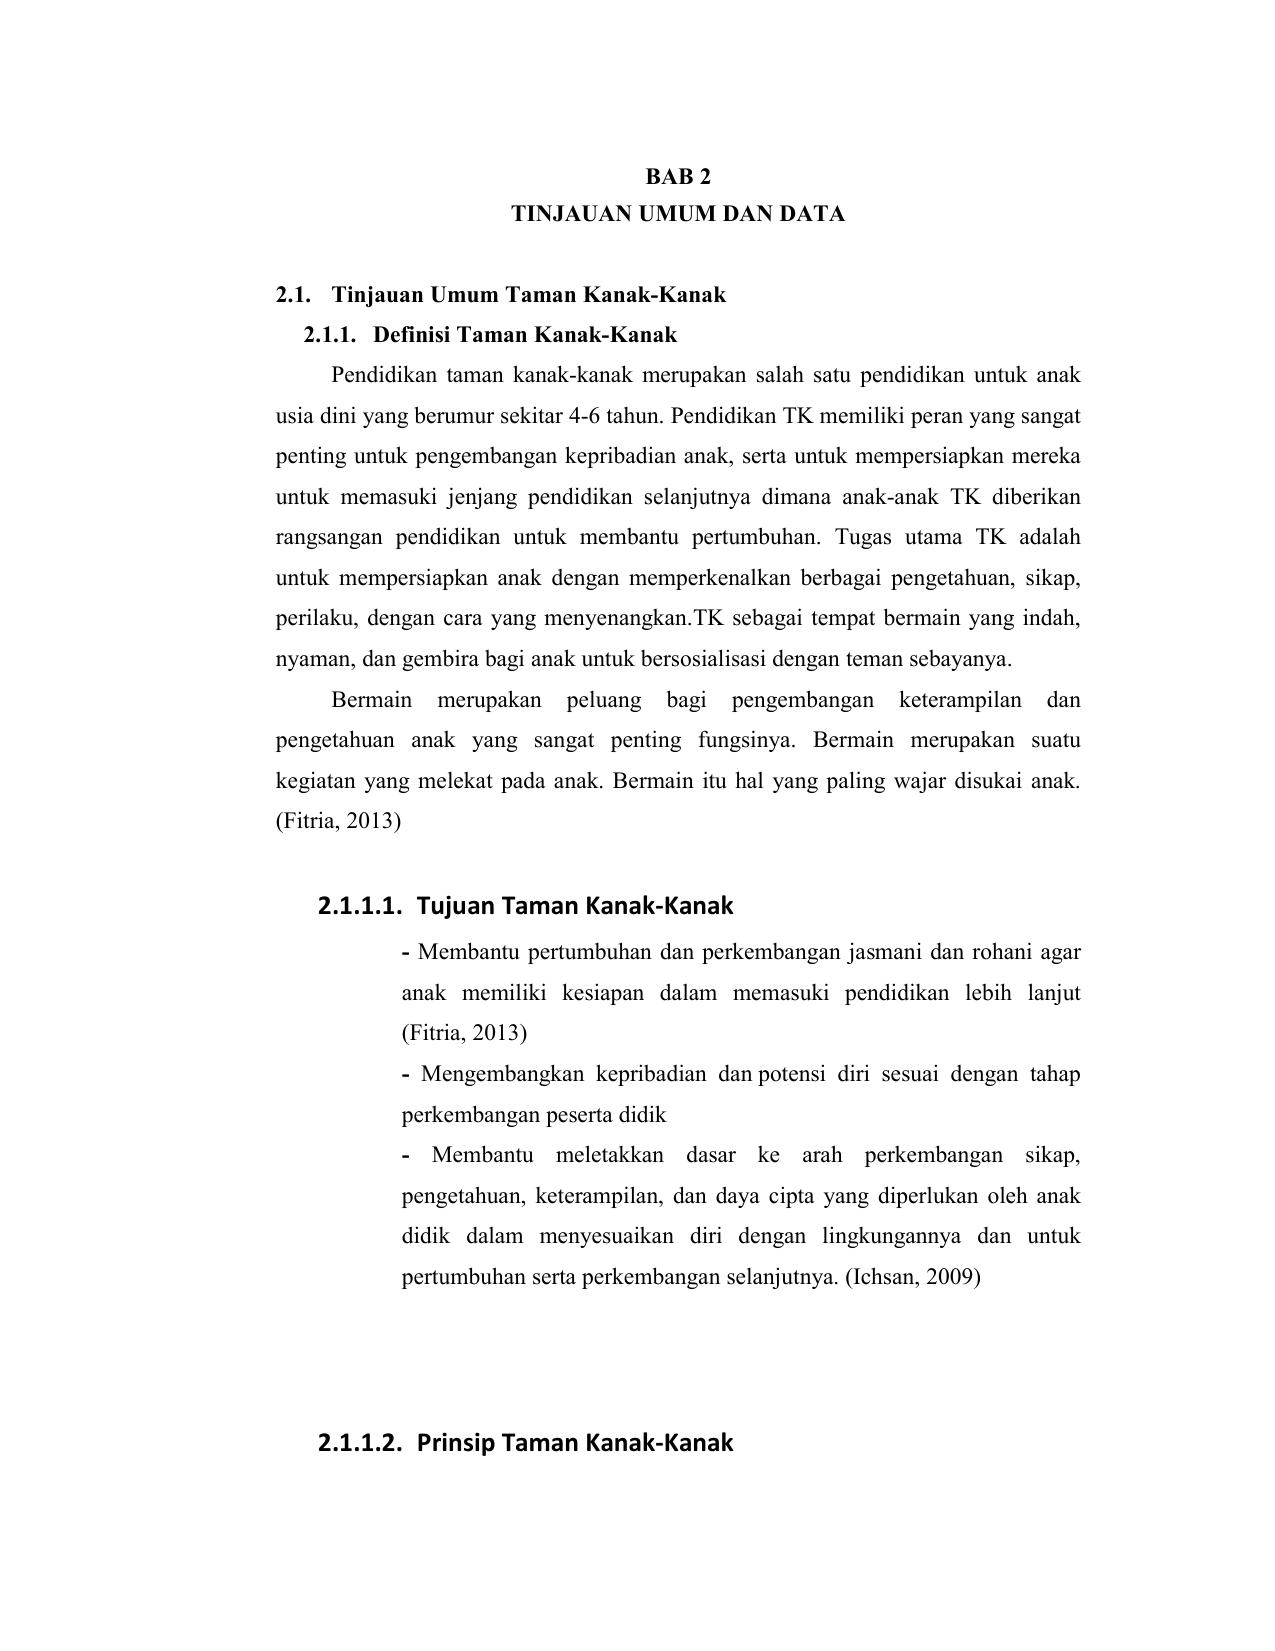 Tujuan Taman Kanak Kanak 2 1 1 2 Prinsip